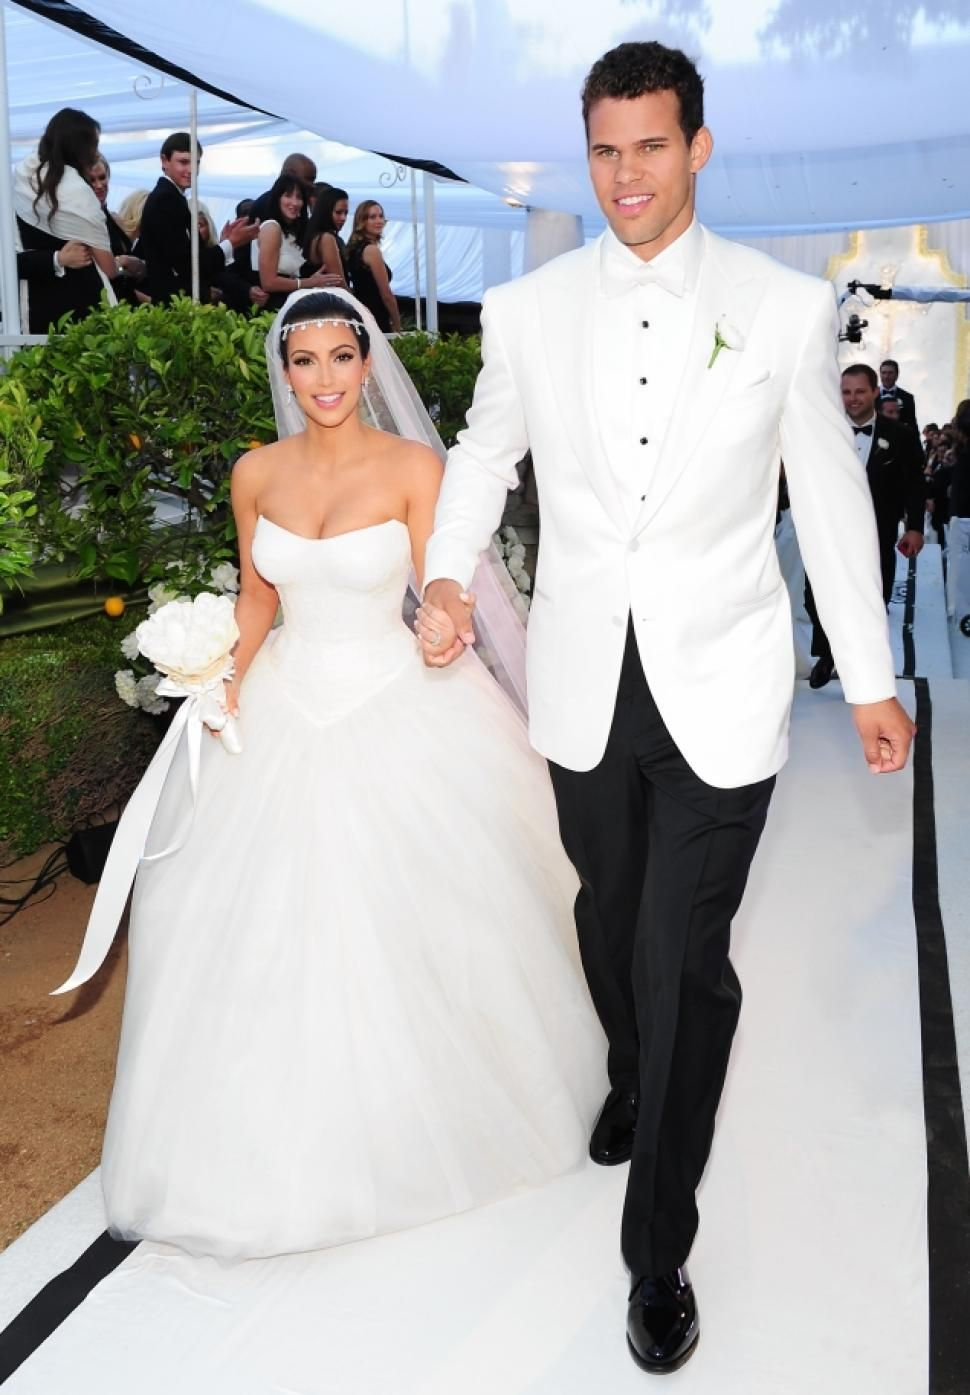 Kim Kardashian, Kanye West engaged: Ring may be worth $8M, prenup ...